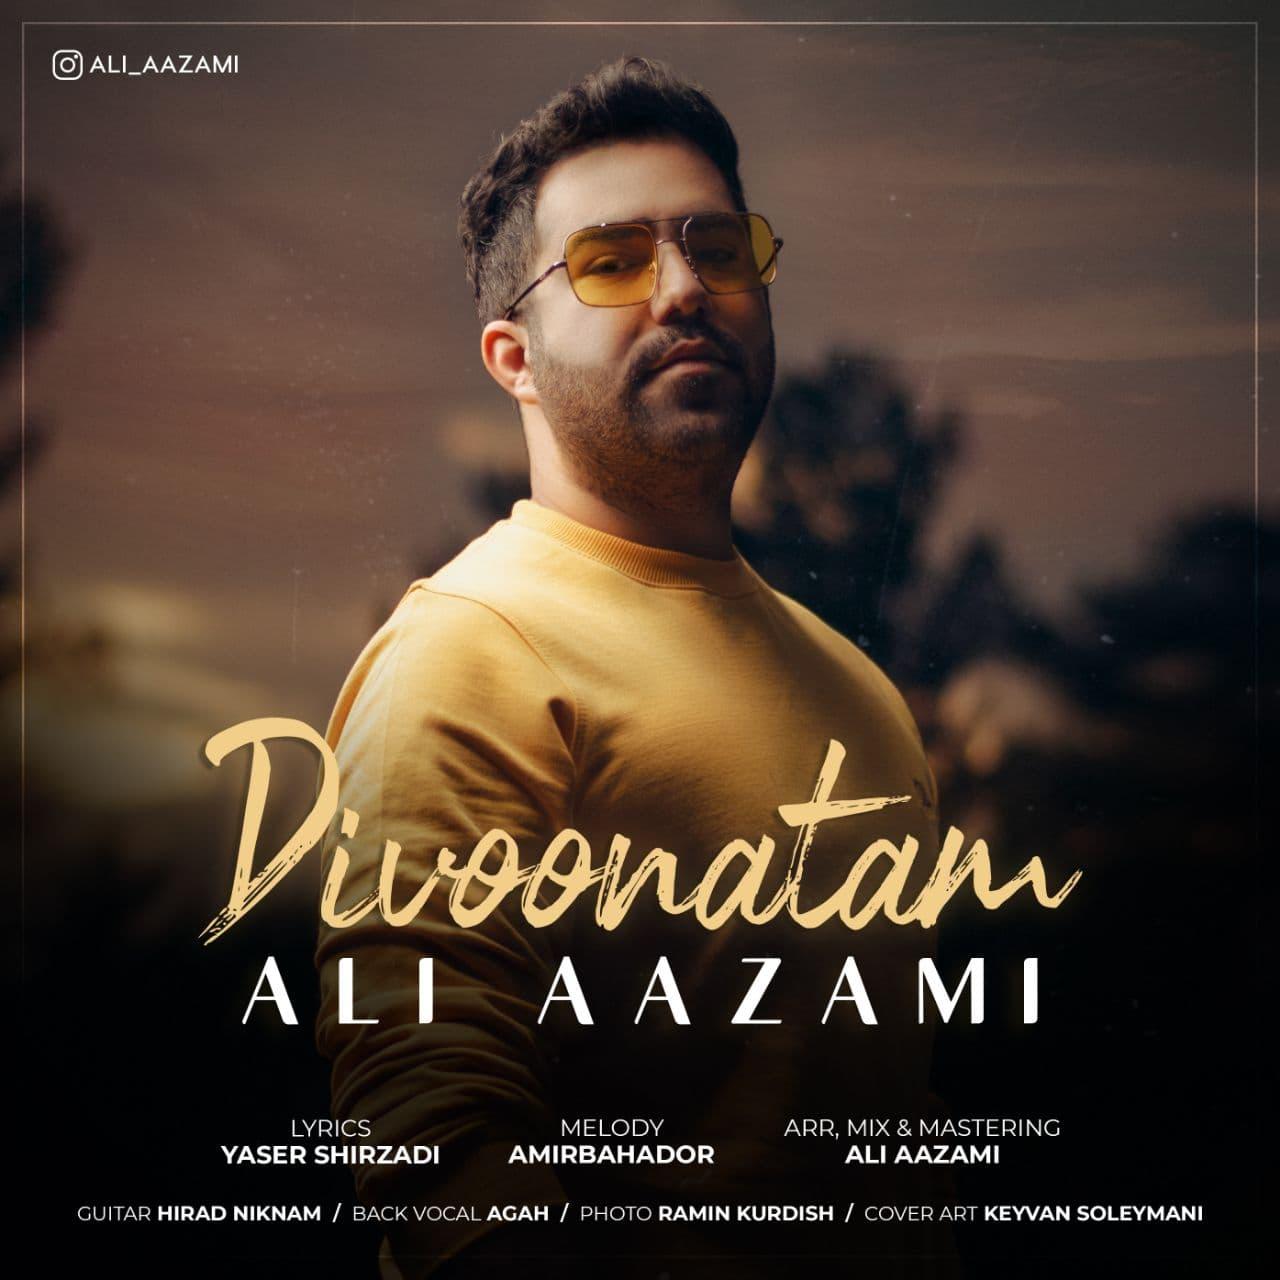 دانلود موزیک جدید دیوونتم از علی اعظمی